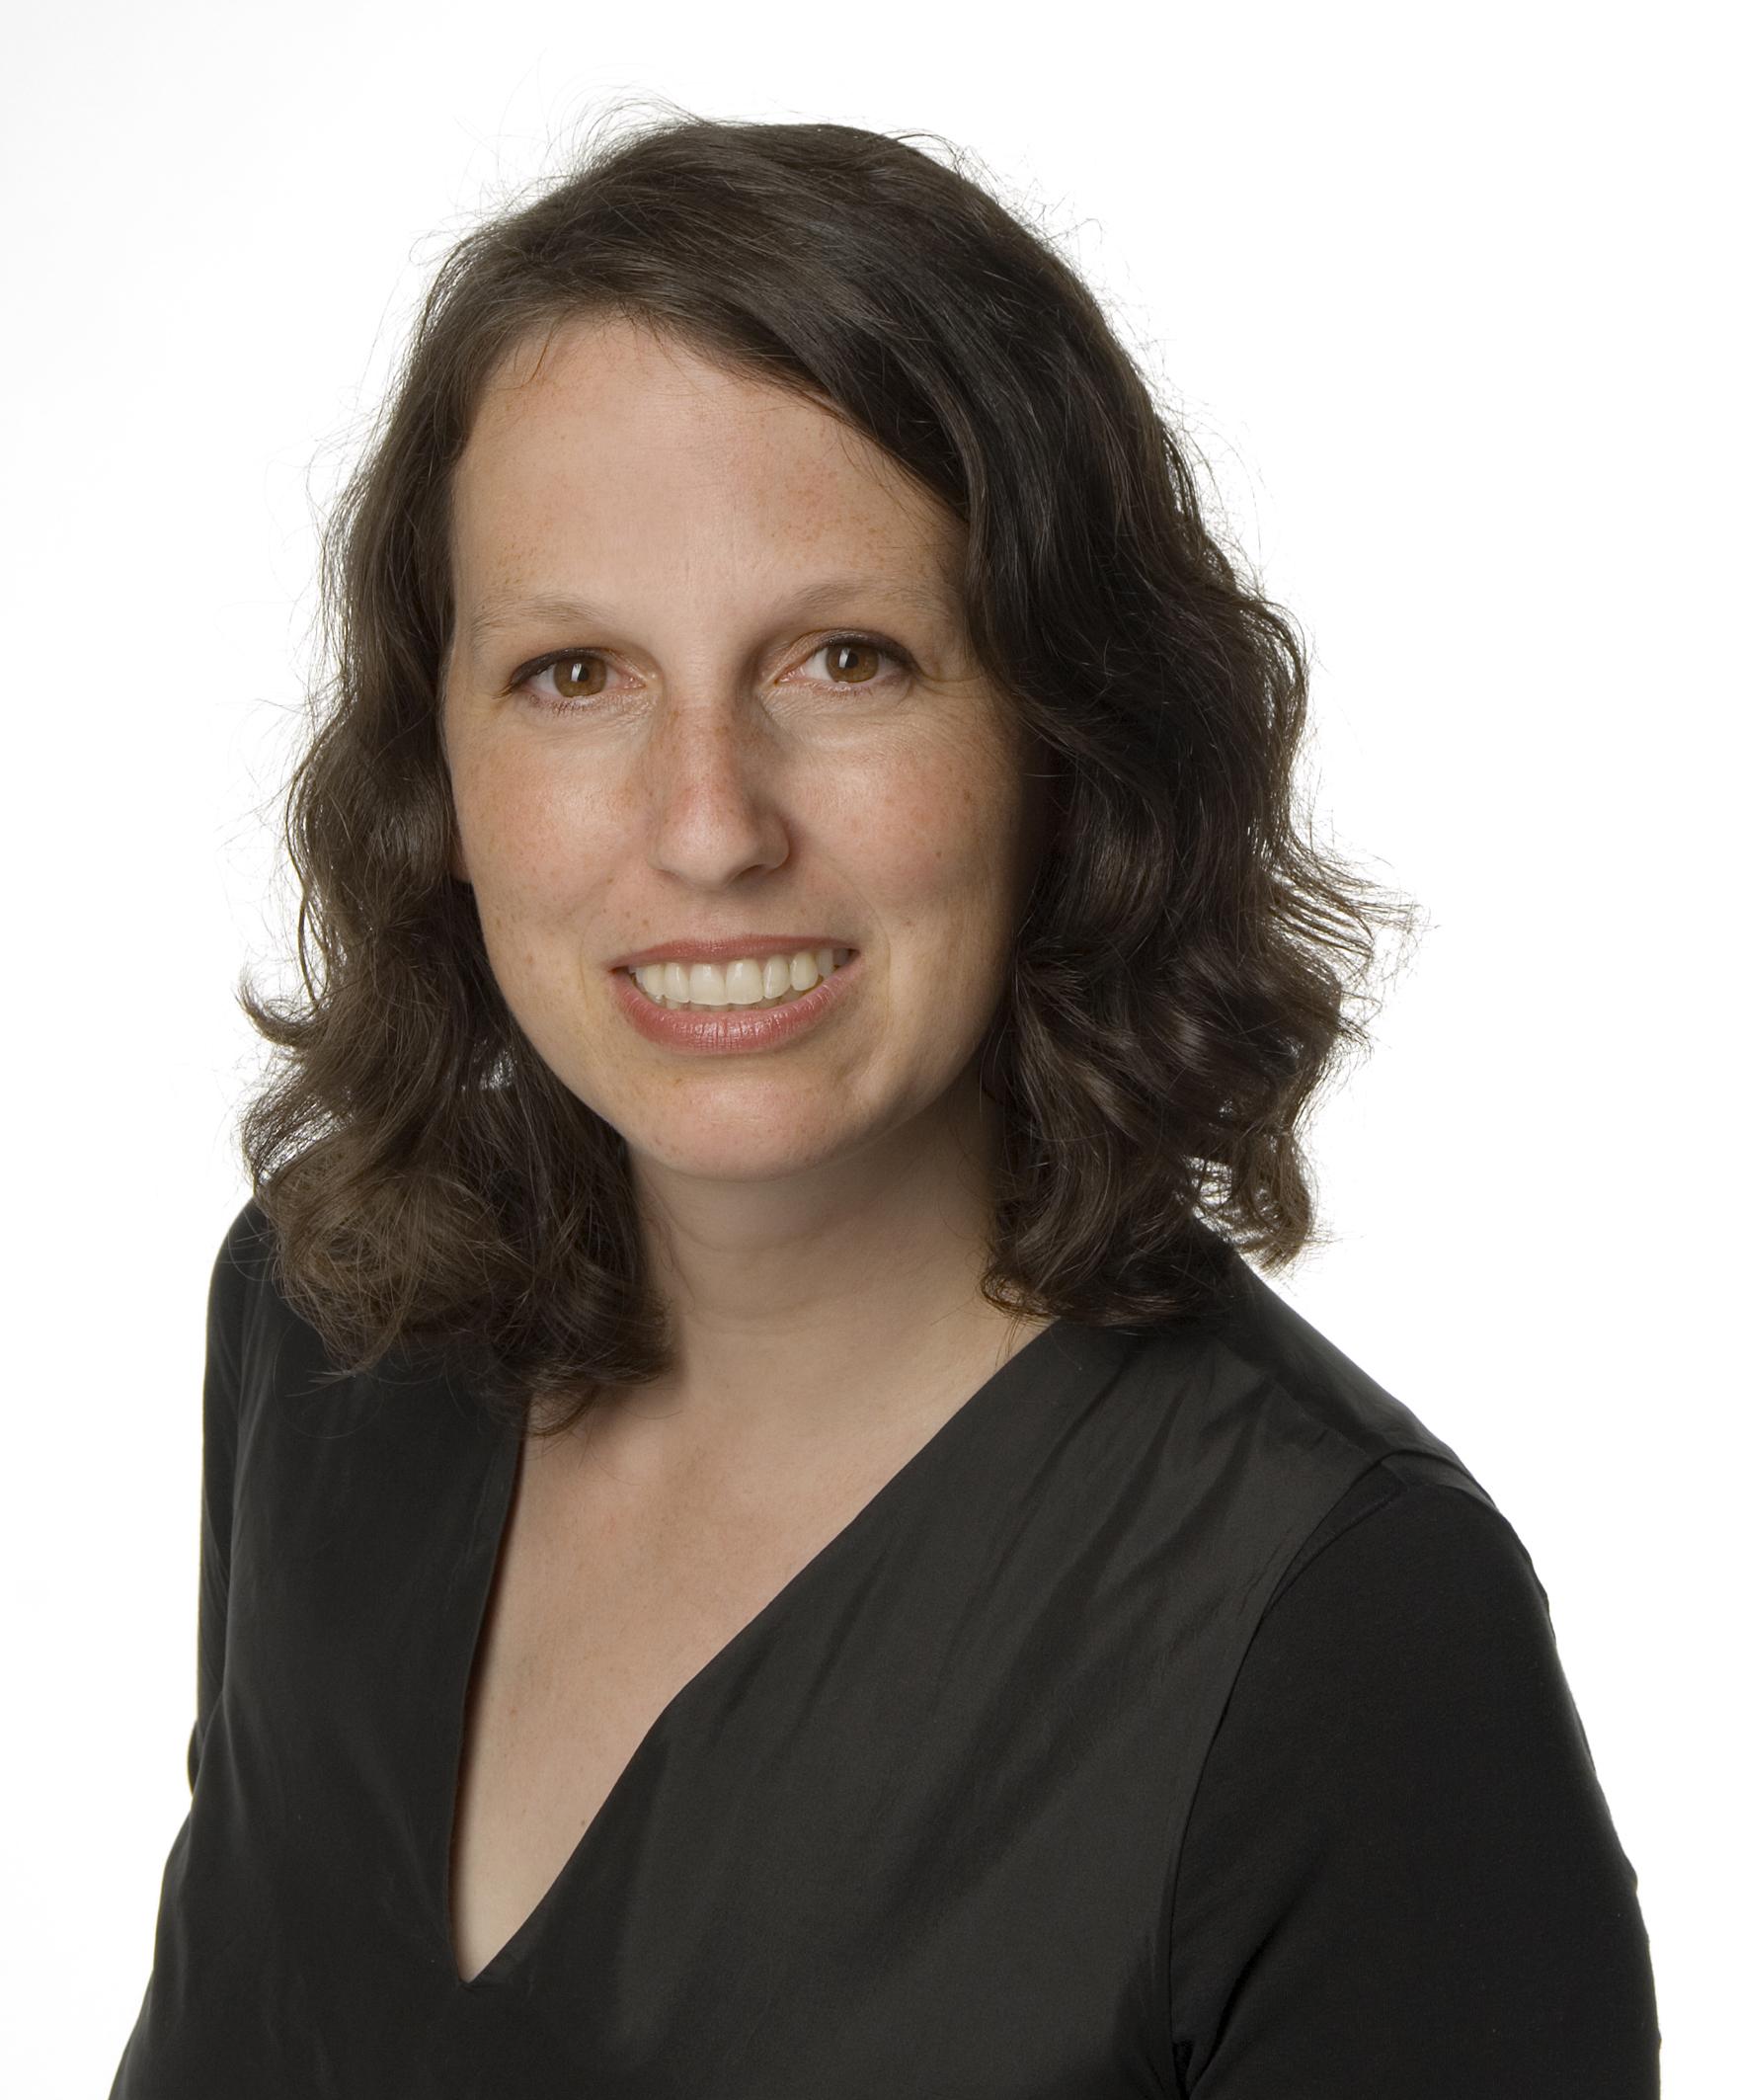 Katja Schotte